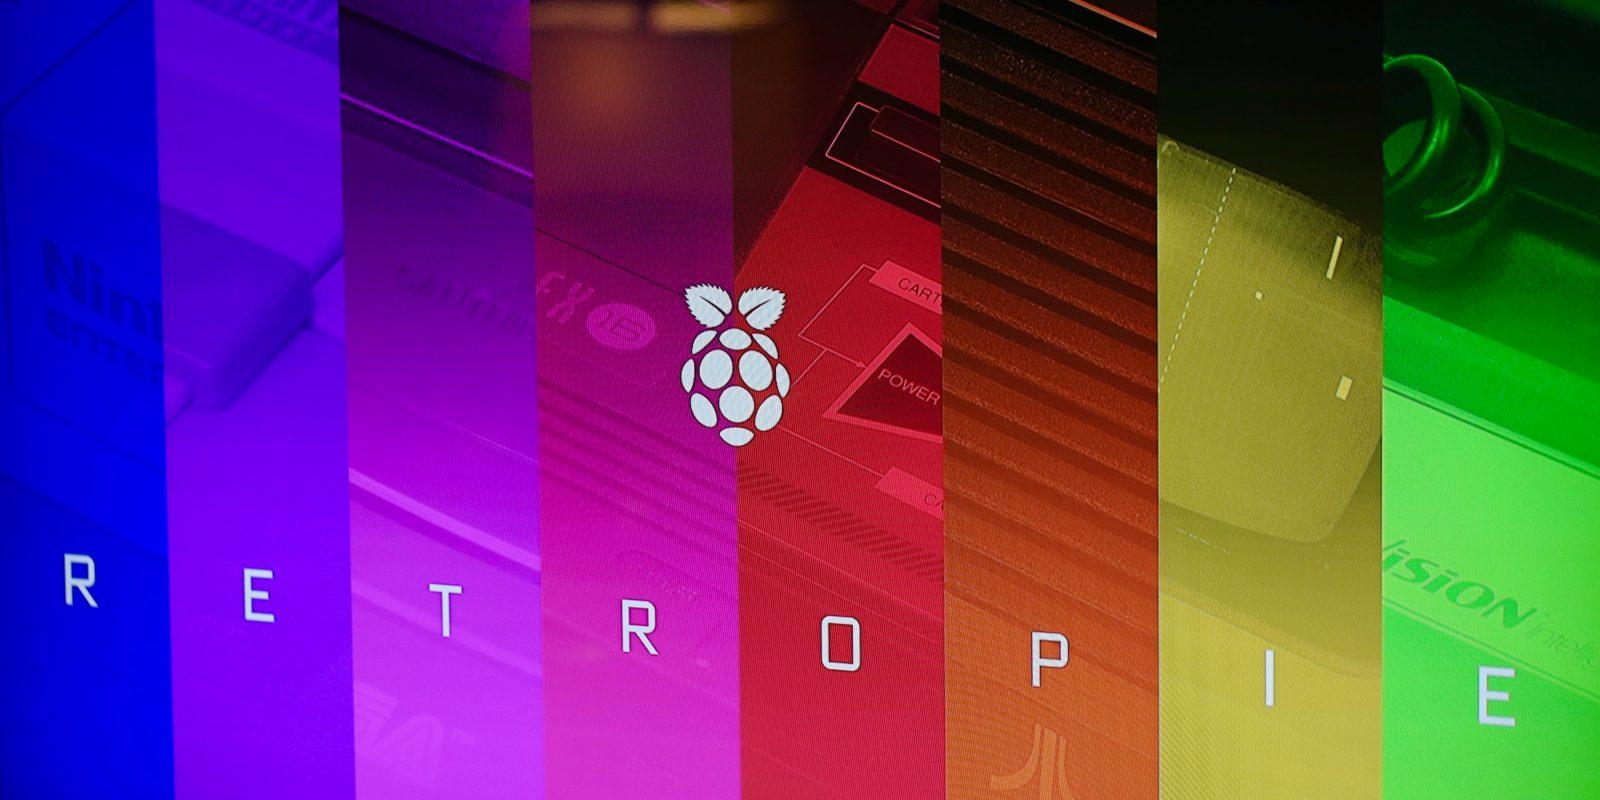 How-to: Build a $35 retro video game console with Raspberry Pi 3 + RetroPie